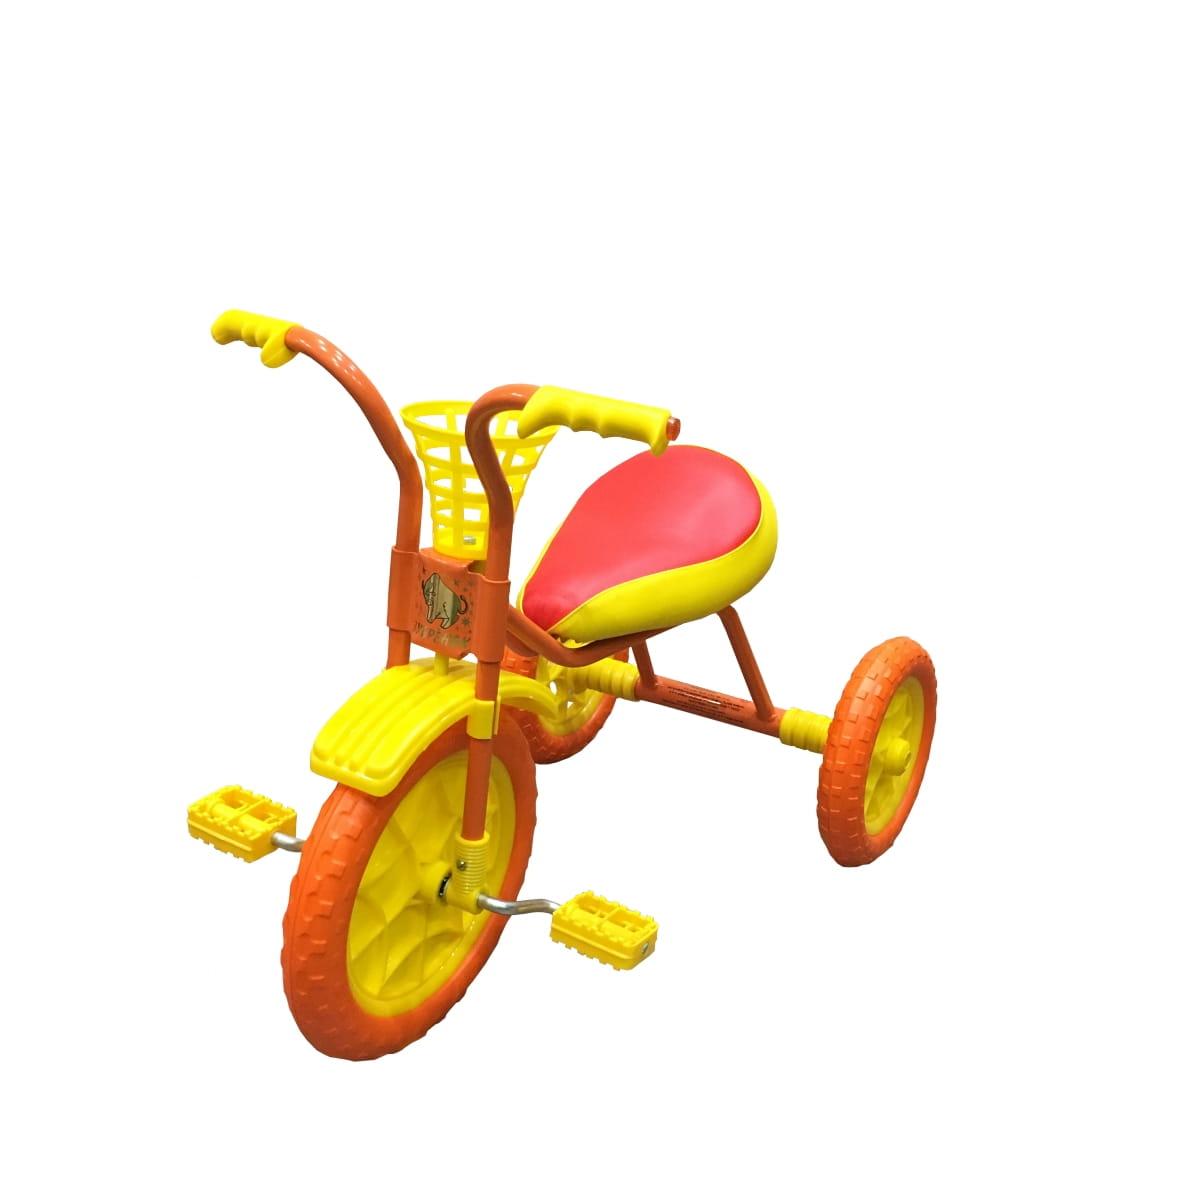 полусне трехколесный велосипед веселые картинки улыбке было обоих